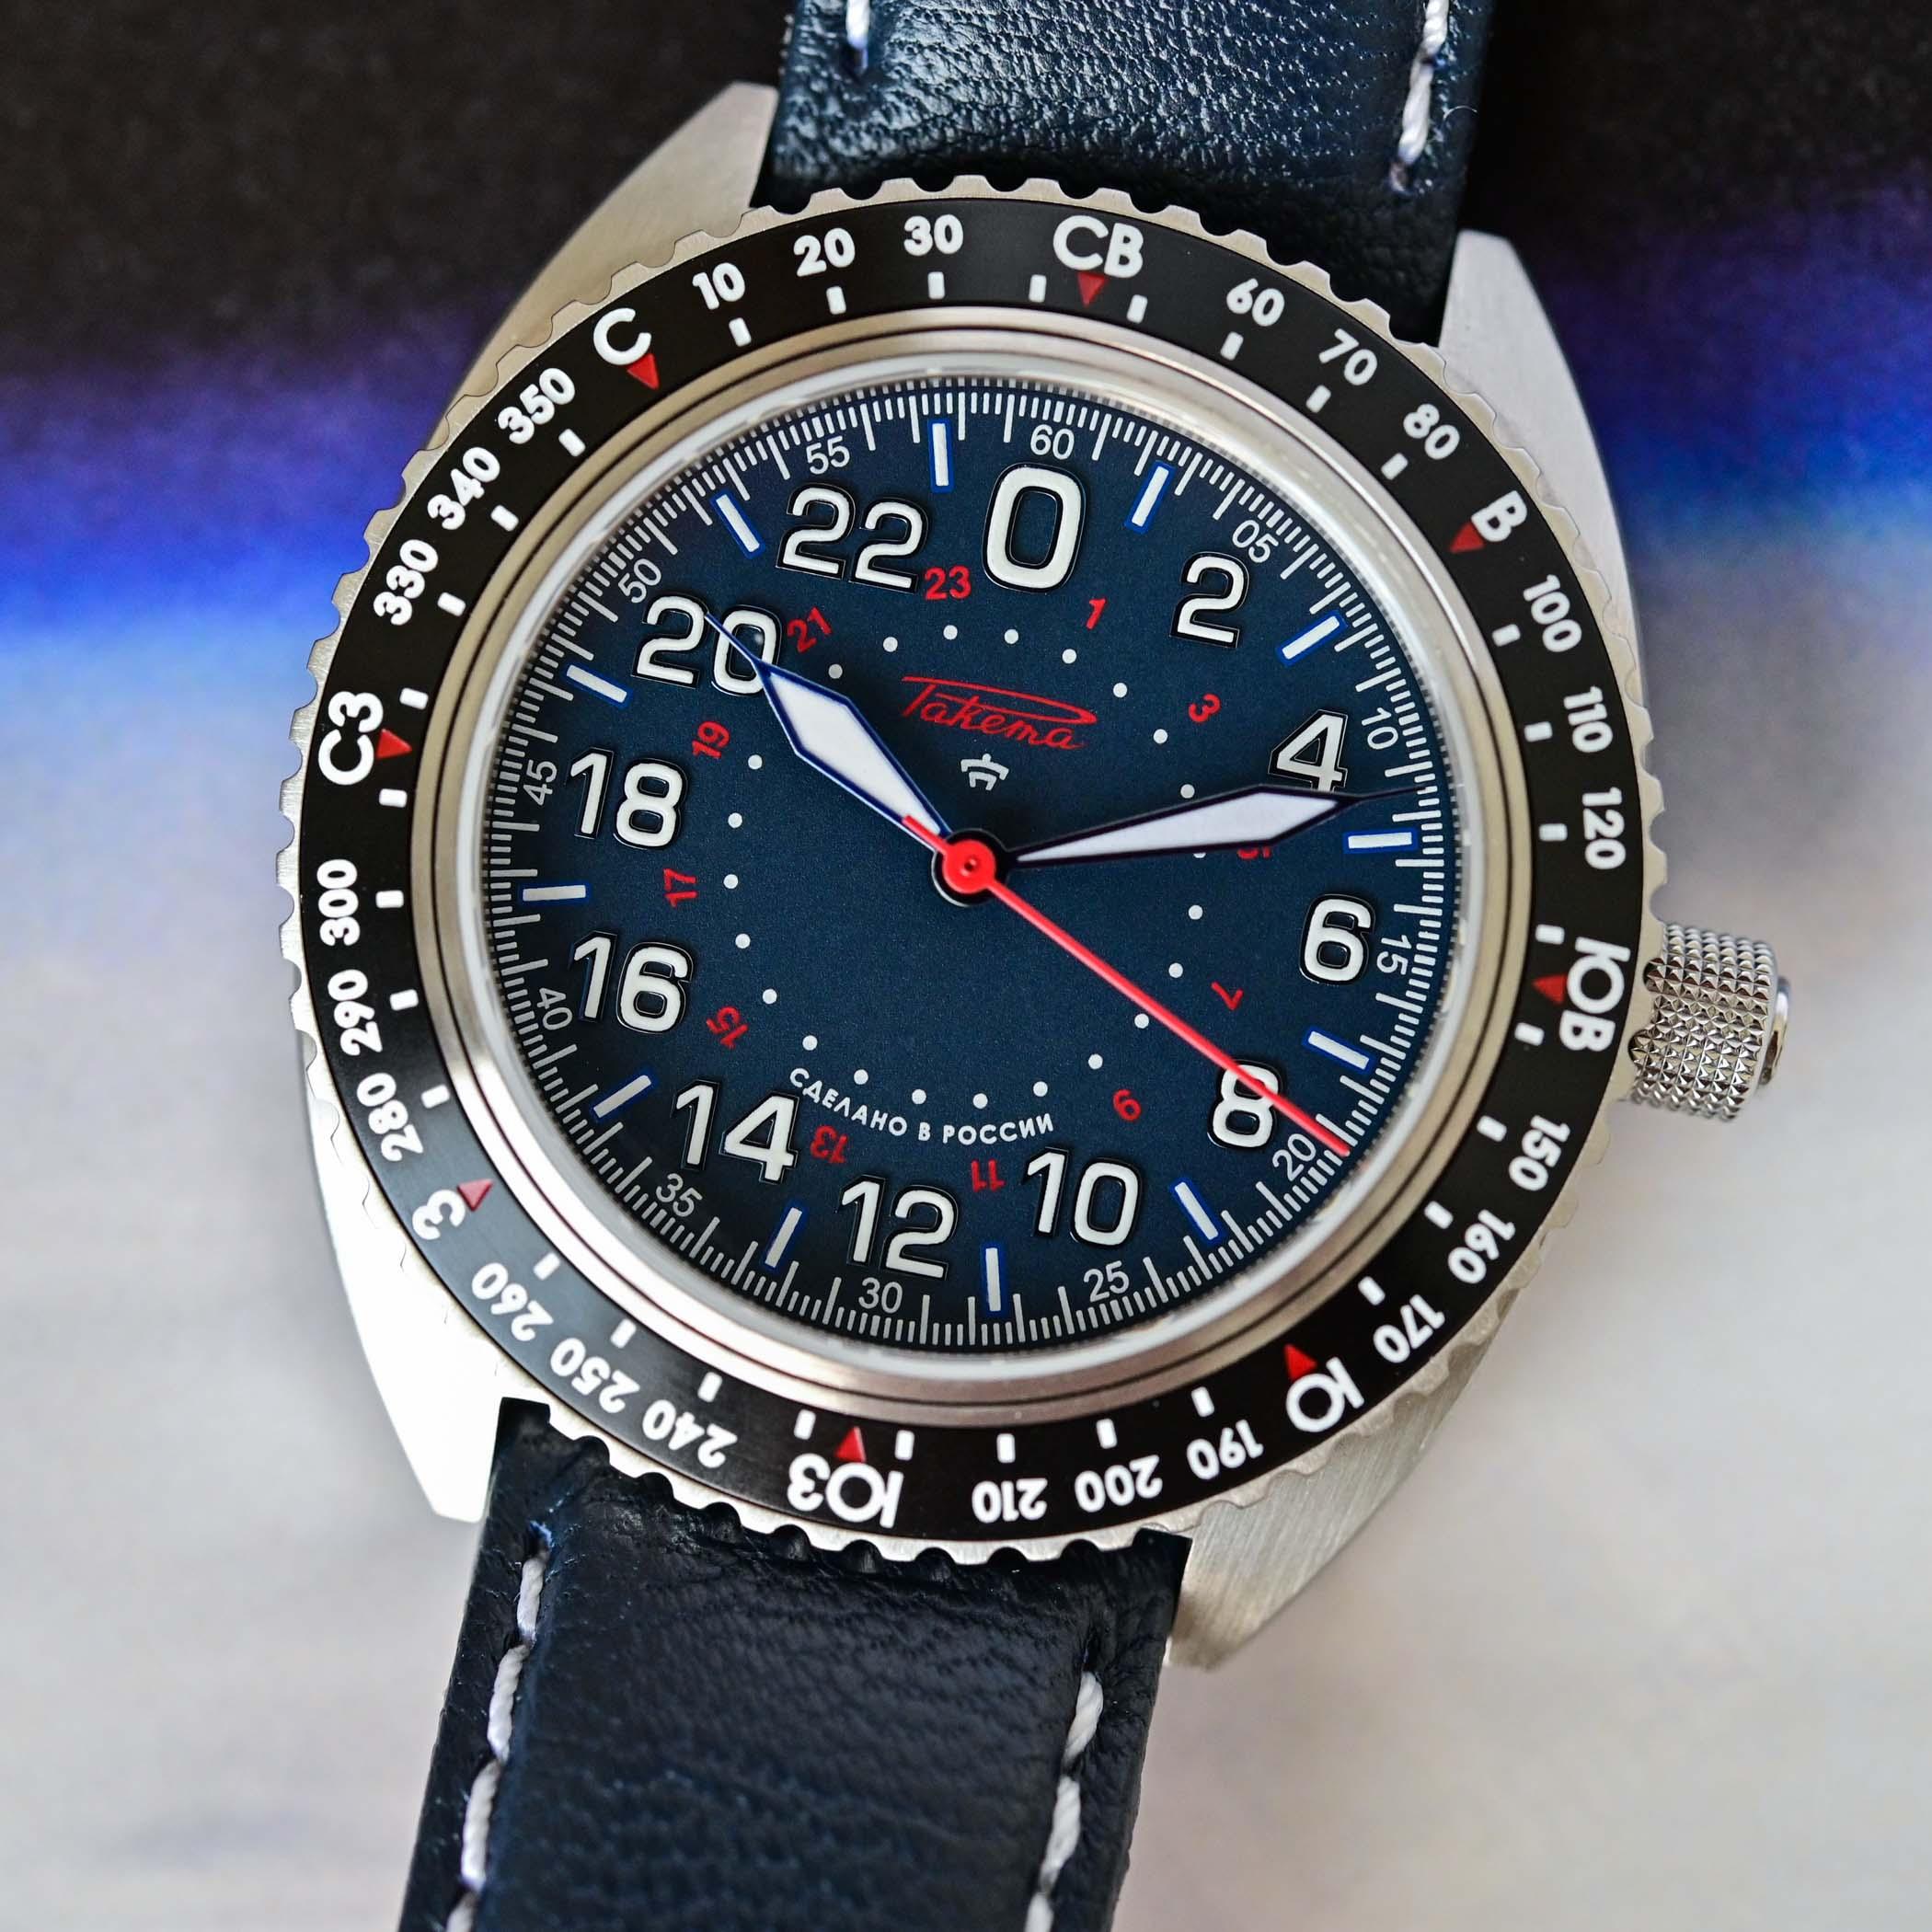 Raketa Baikonur watch